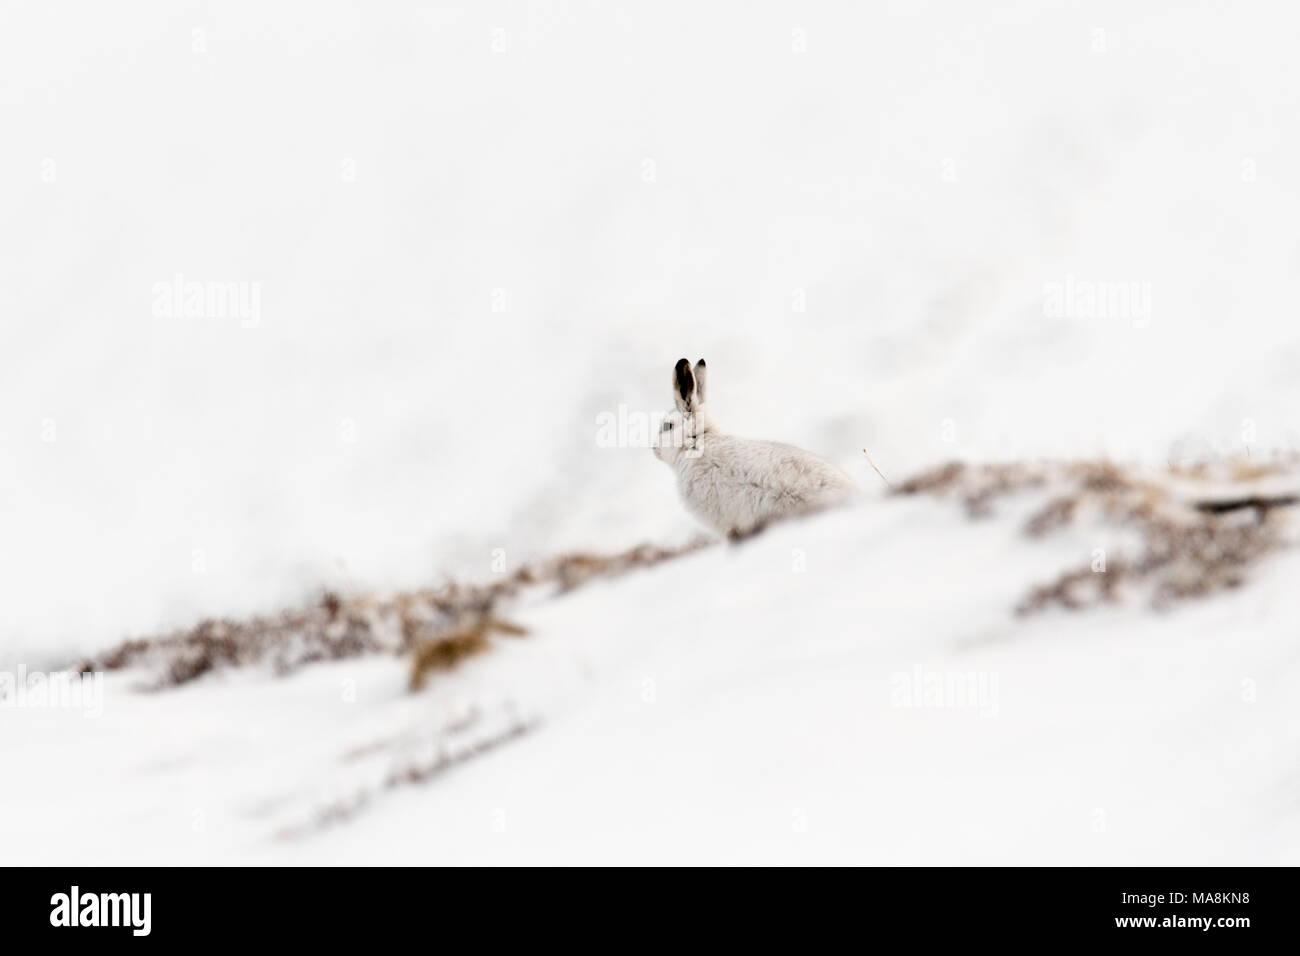 Alert Schneehase (Lepus timidus) sitzen auf Schnee Hügel in die schottischen Highlands, März 2018 Stockbild